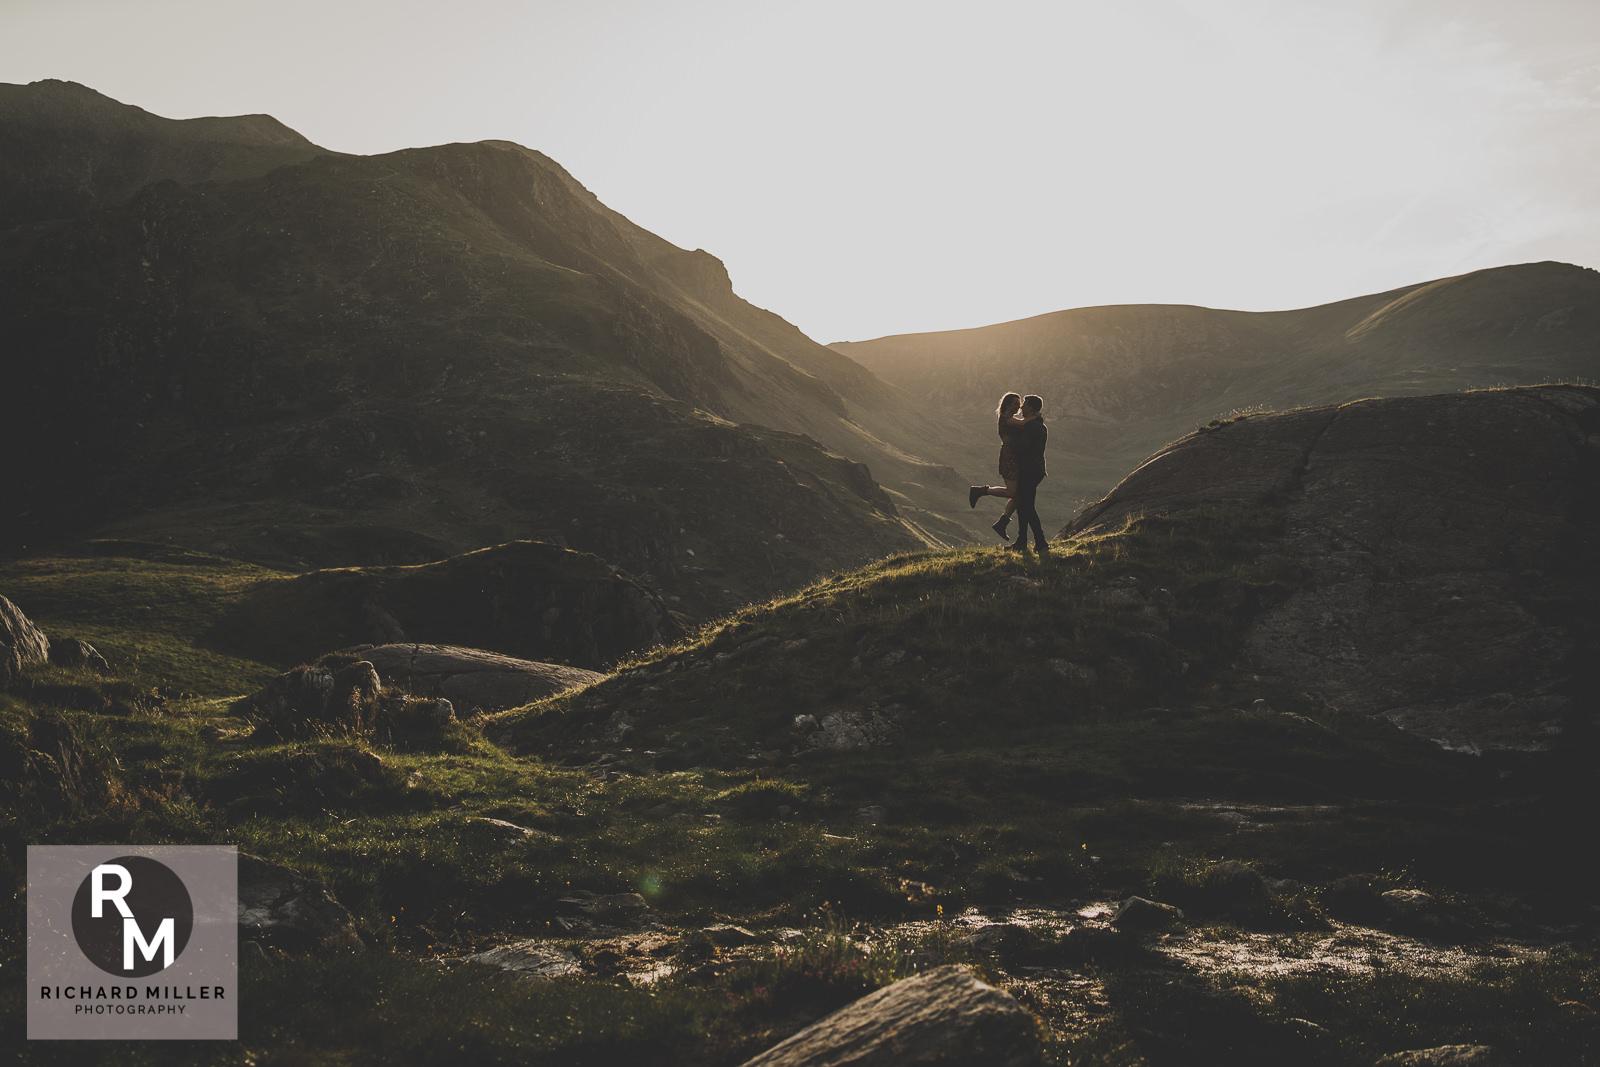 Engagement 10 - Adventure Shoots